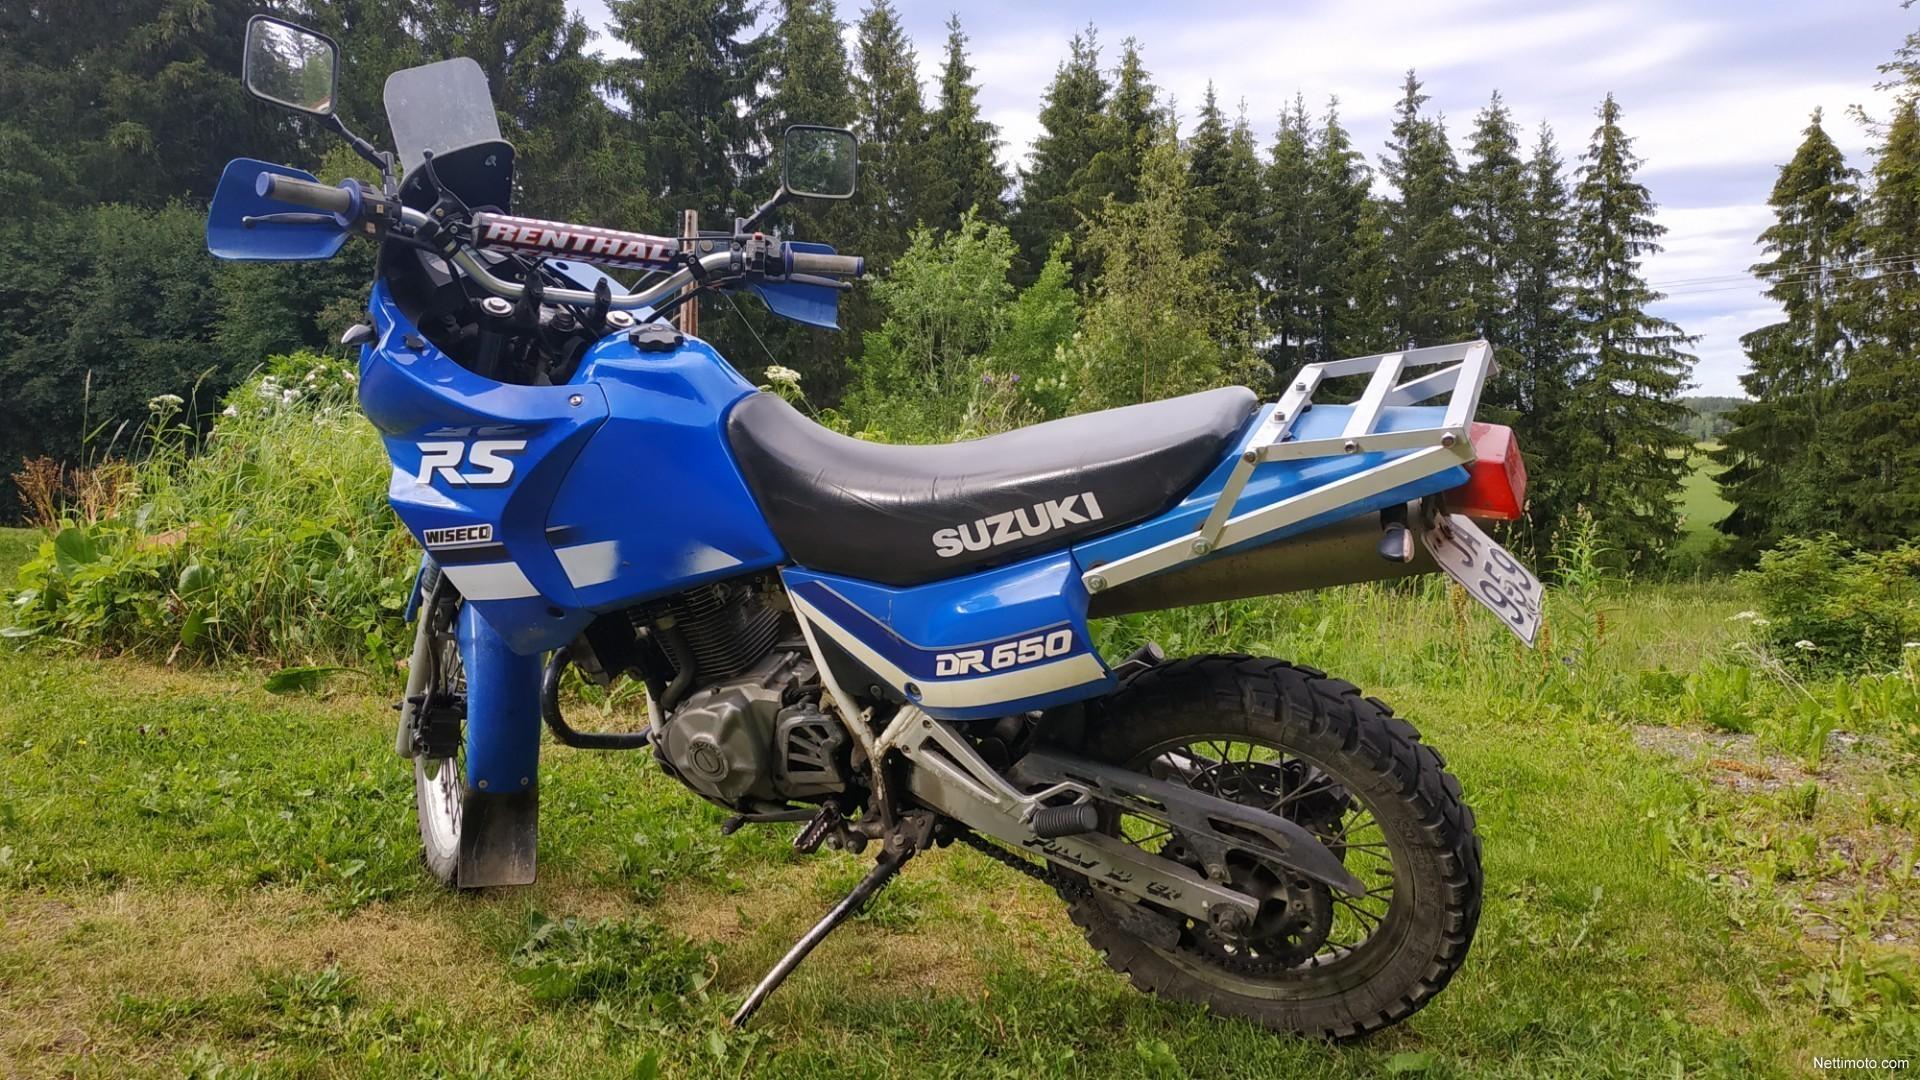 Moto Usata - Suzuki DR 600 R - 1986 - € 1.590,00